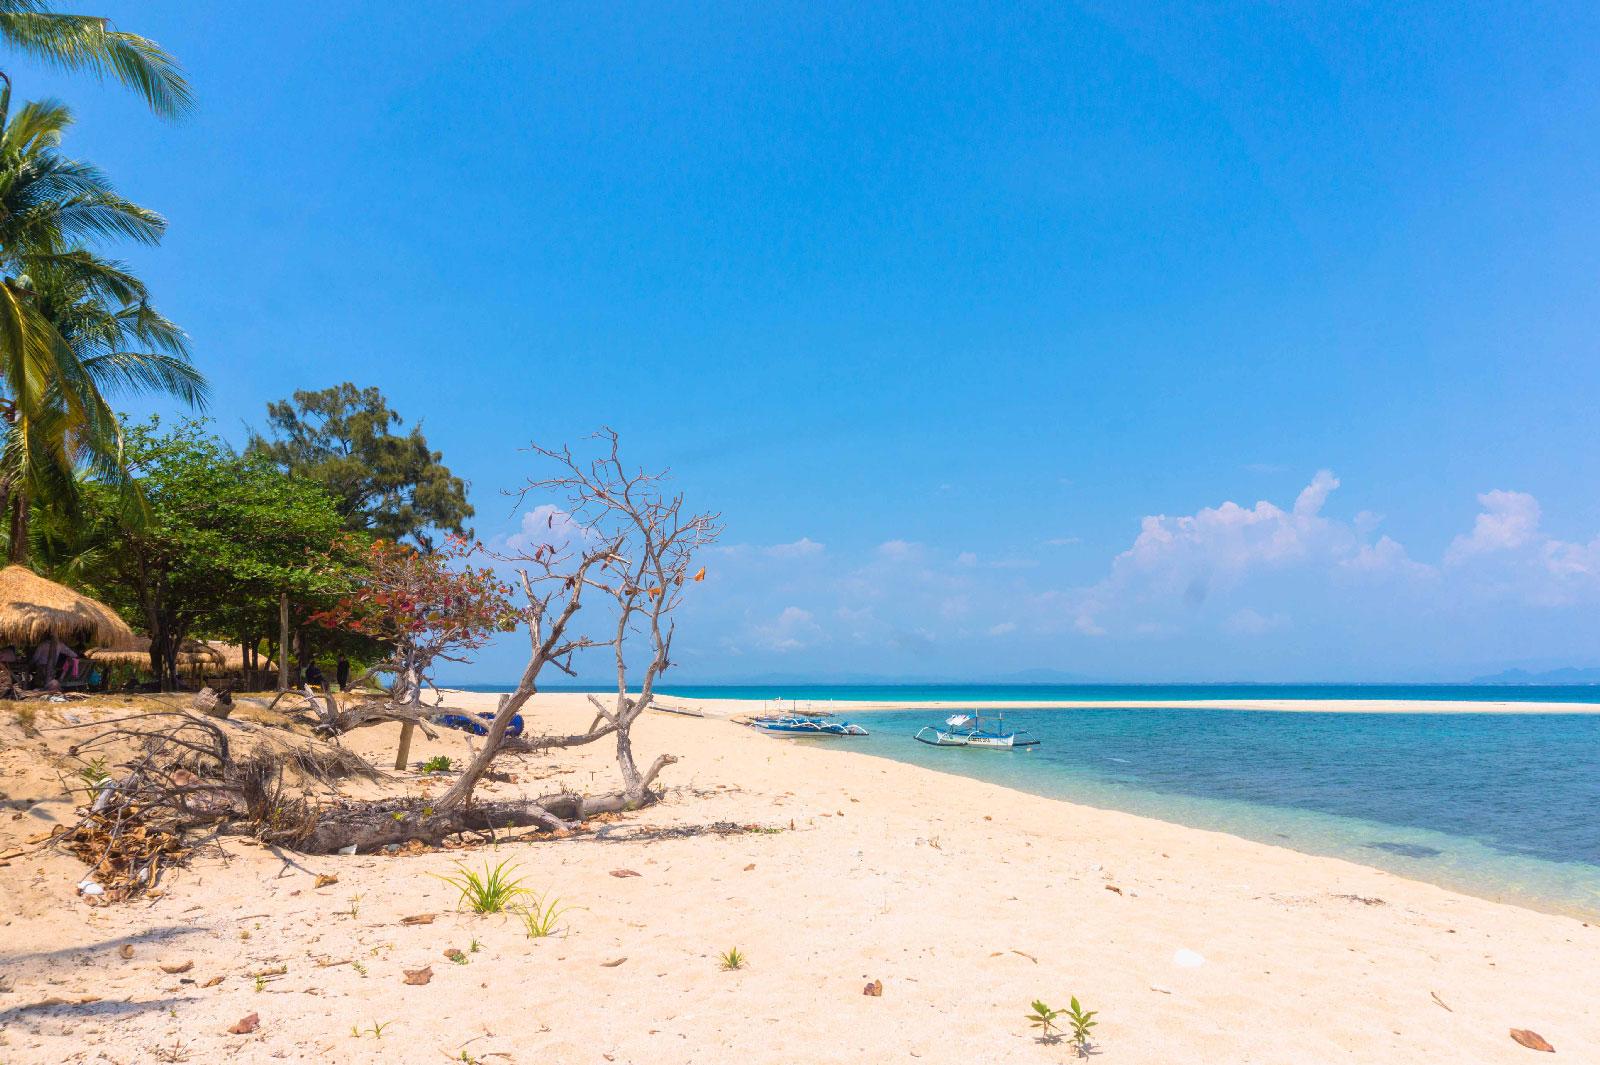 Торопитесь на Мальдивы! Предложение ограничено!